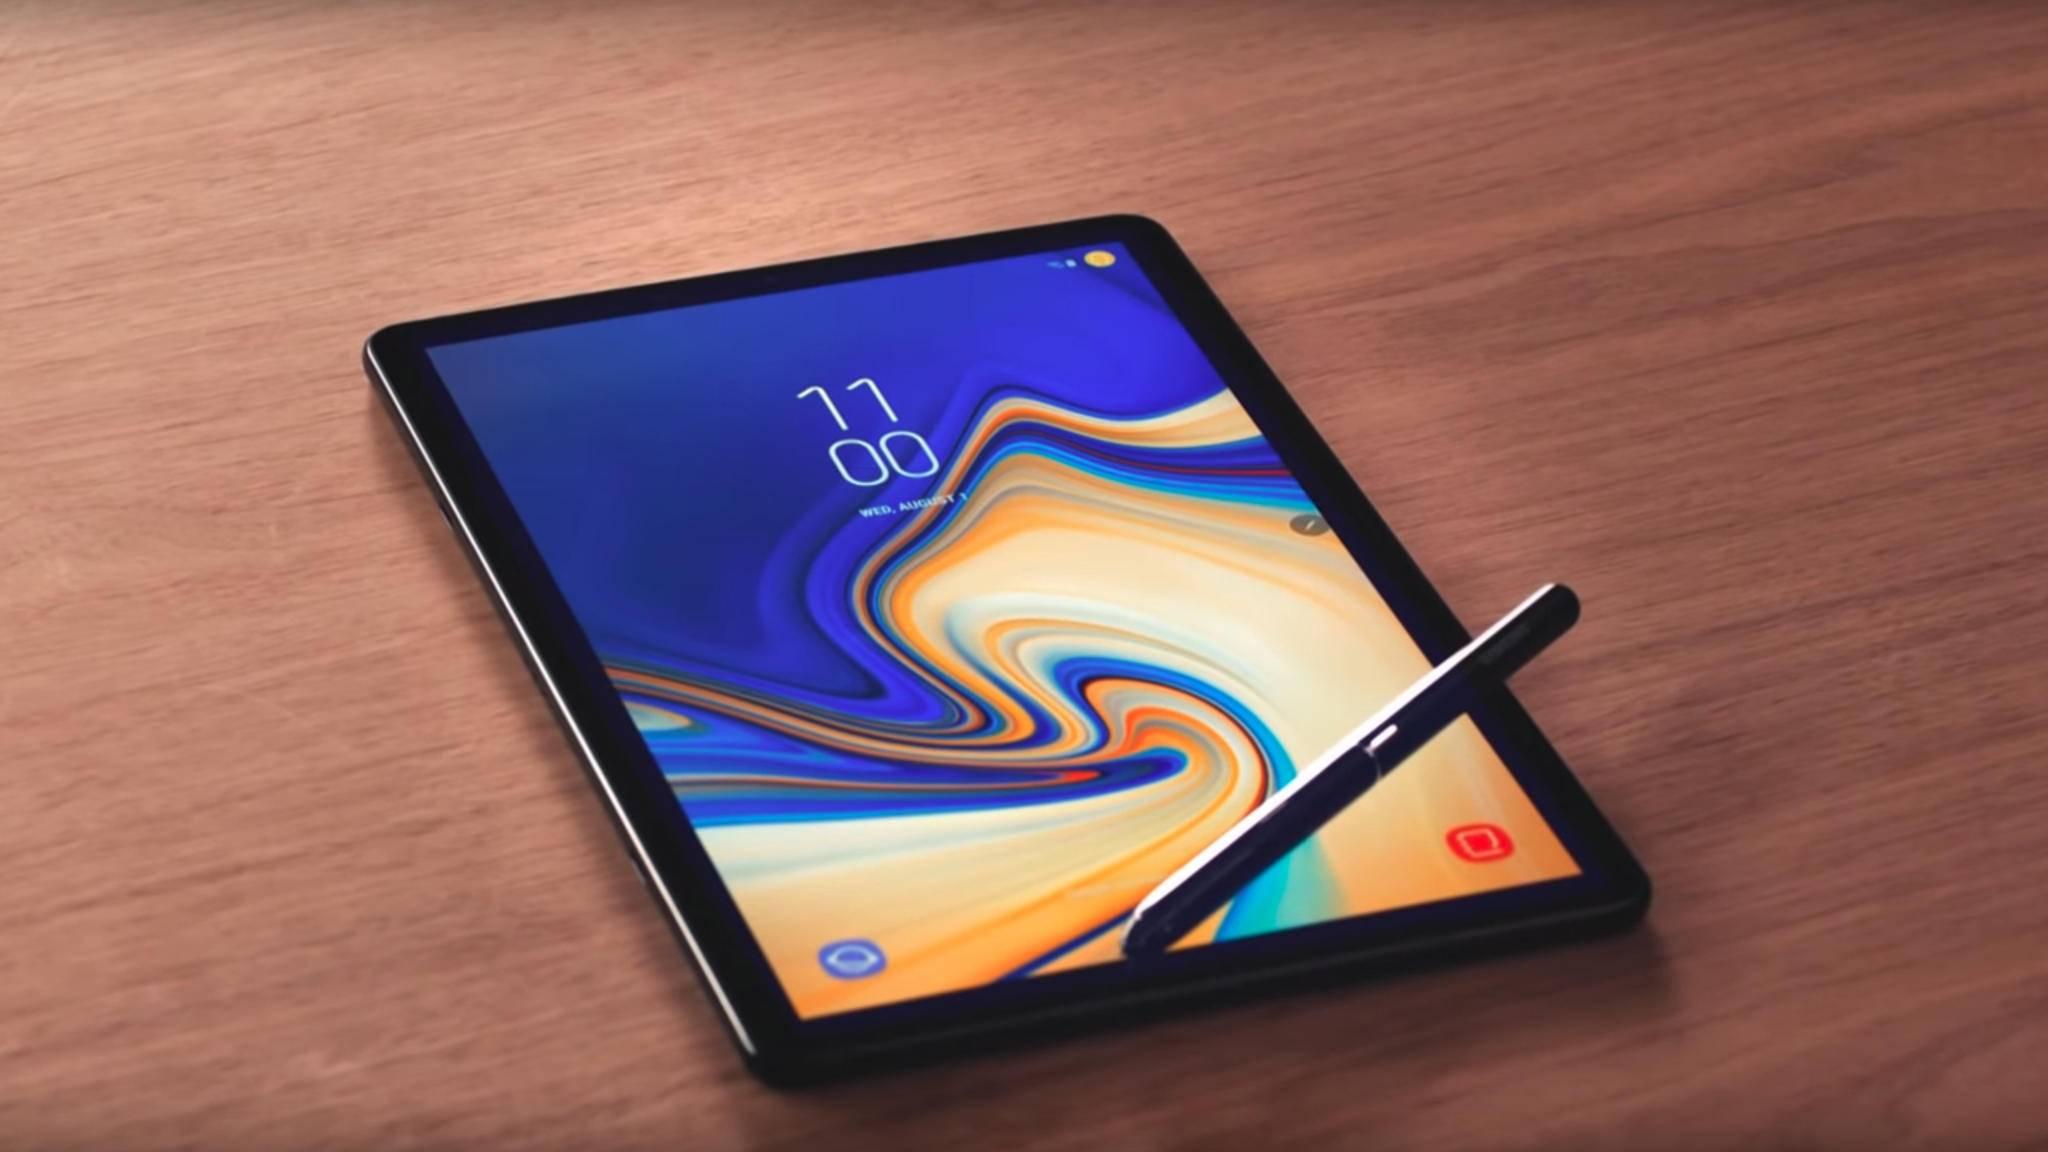 Nach dem Mittelklasse-Modell Galaxy Tab S5e bekommt das Galaxy Tab S4 (im Bild) mit dem Galaxy Tab S6 einen richtigen Nachfolger.